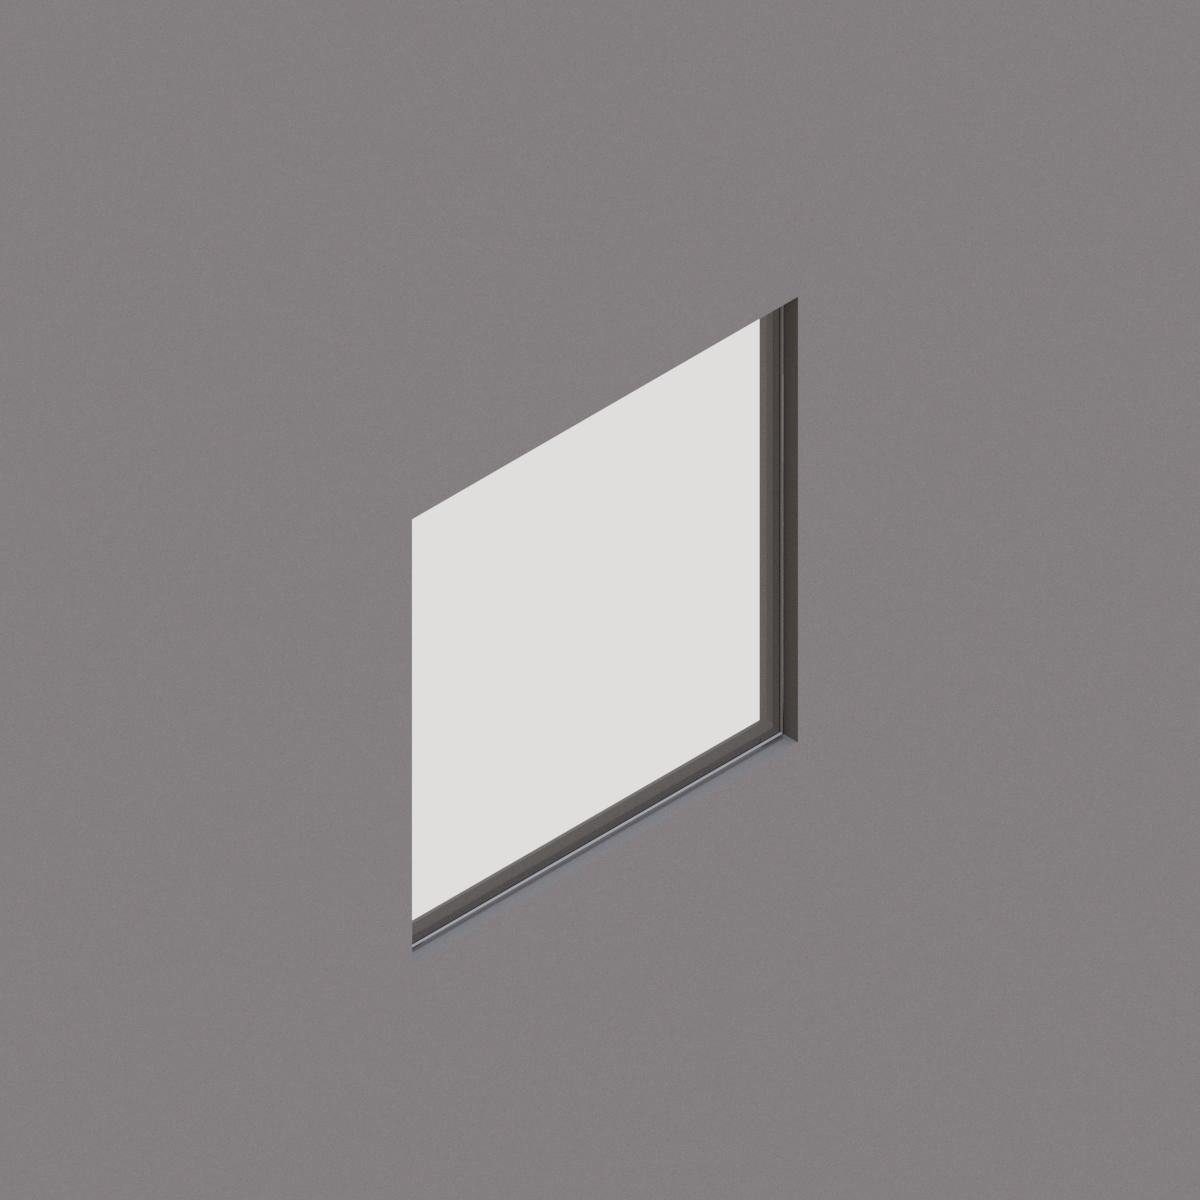 Ventana proyectante cristal termopanel perfil oculto 78677a56 5ade 4979 a181 0822016b72e2